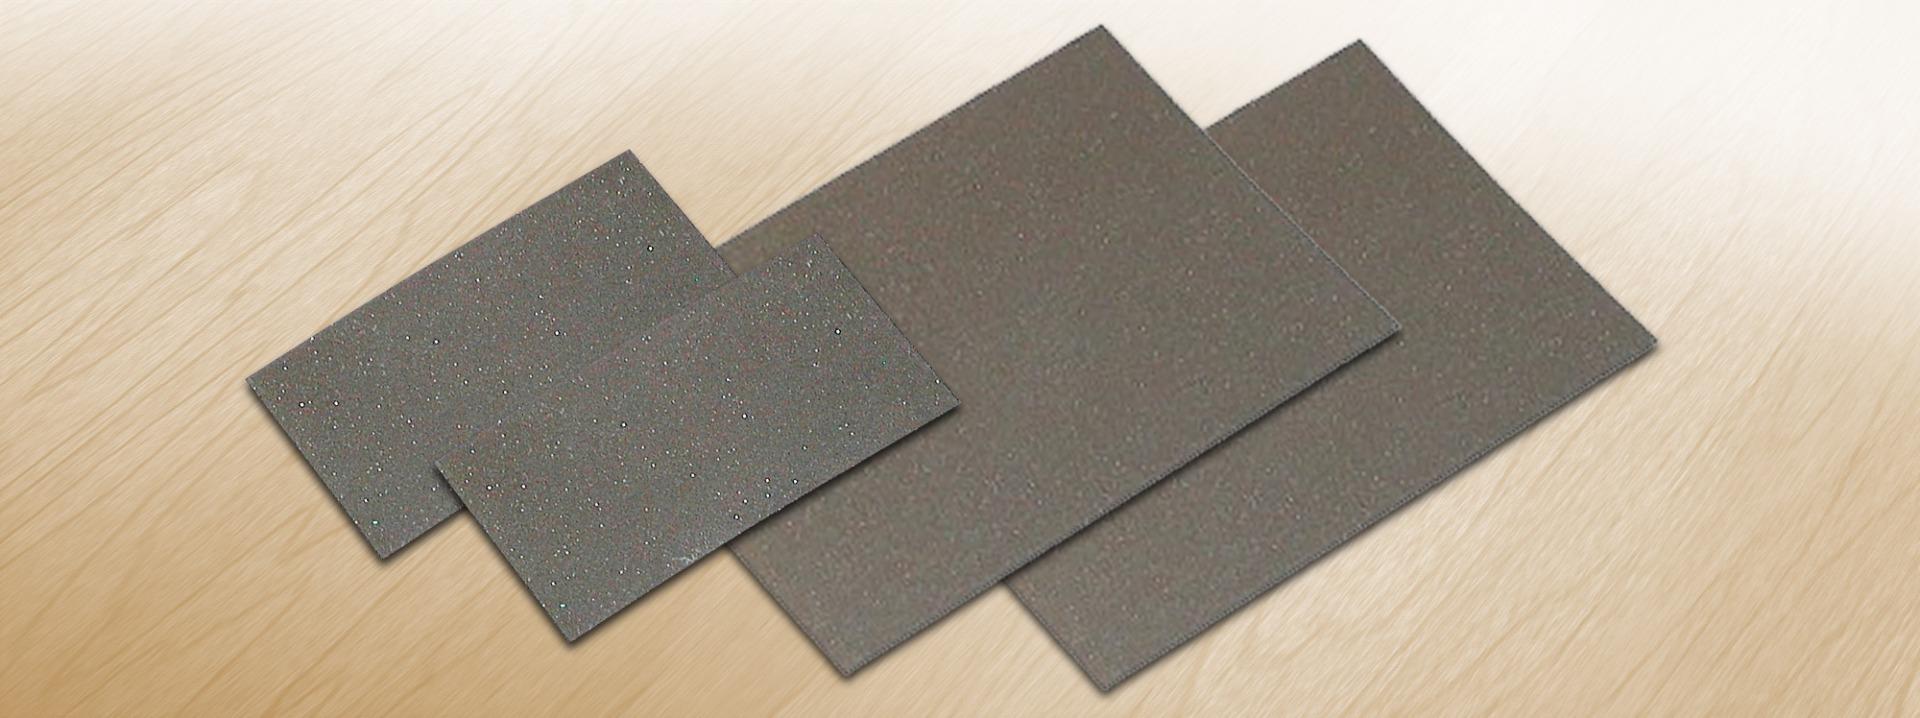 Flexi-Sharp® Sheets